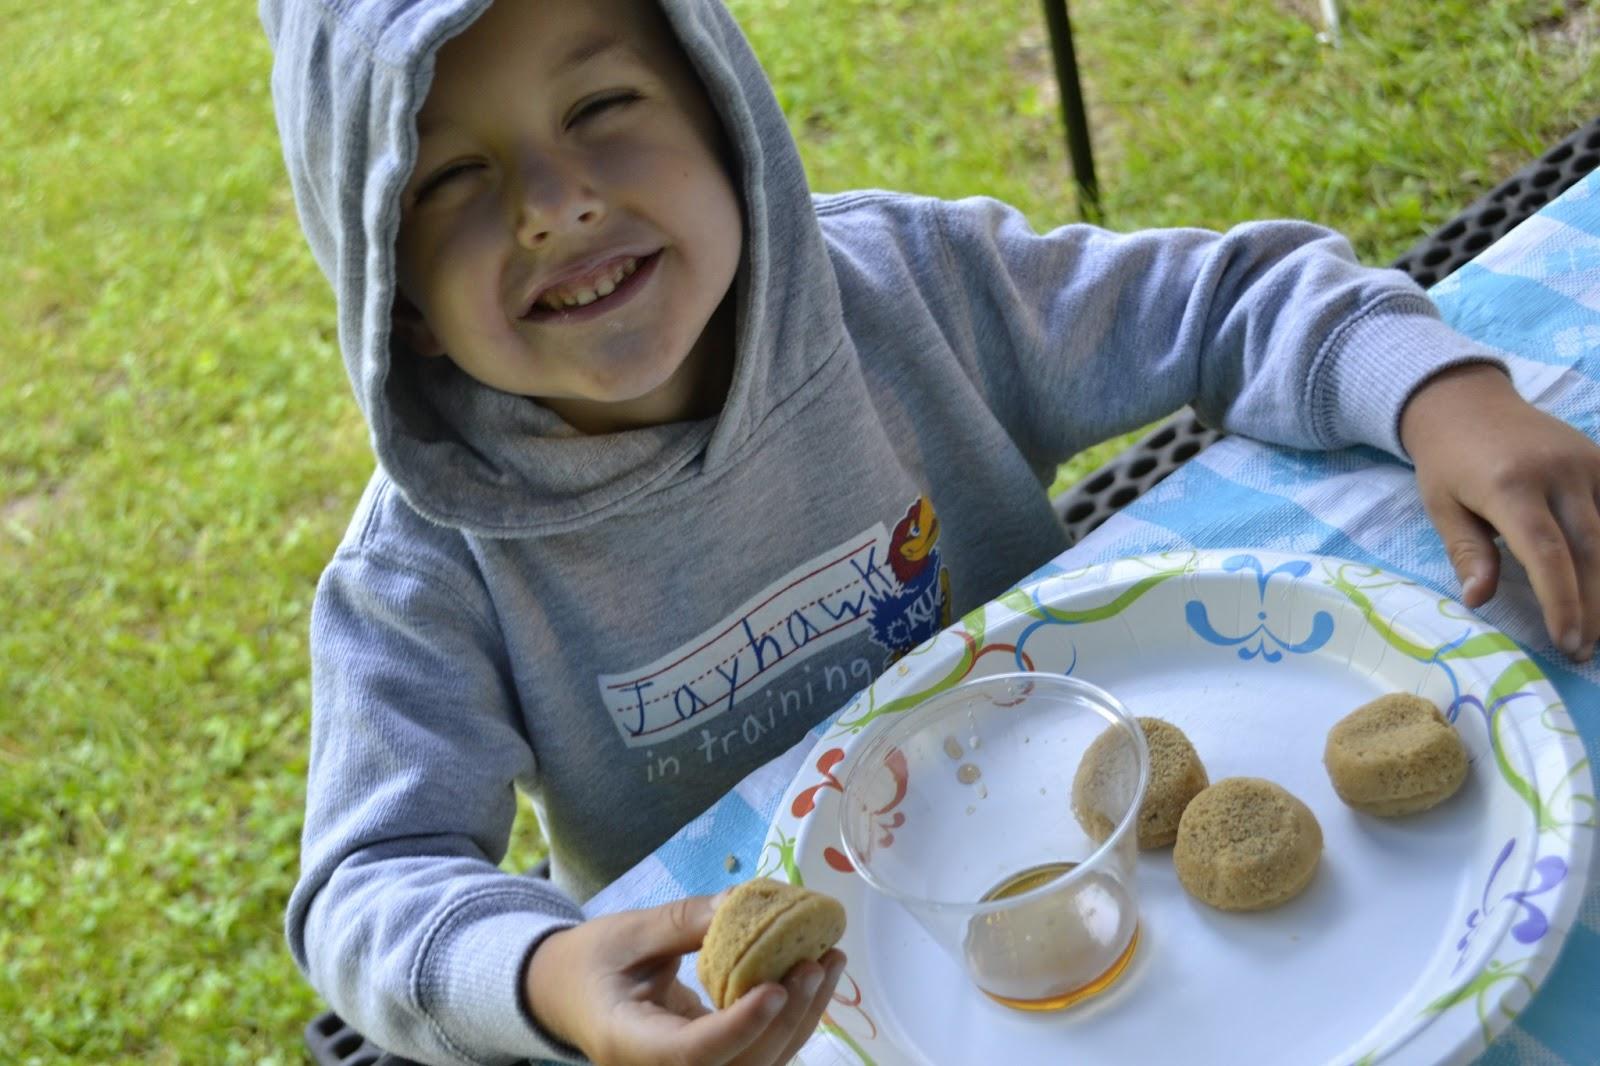 #breakfast #camping #pancake #muffins